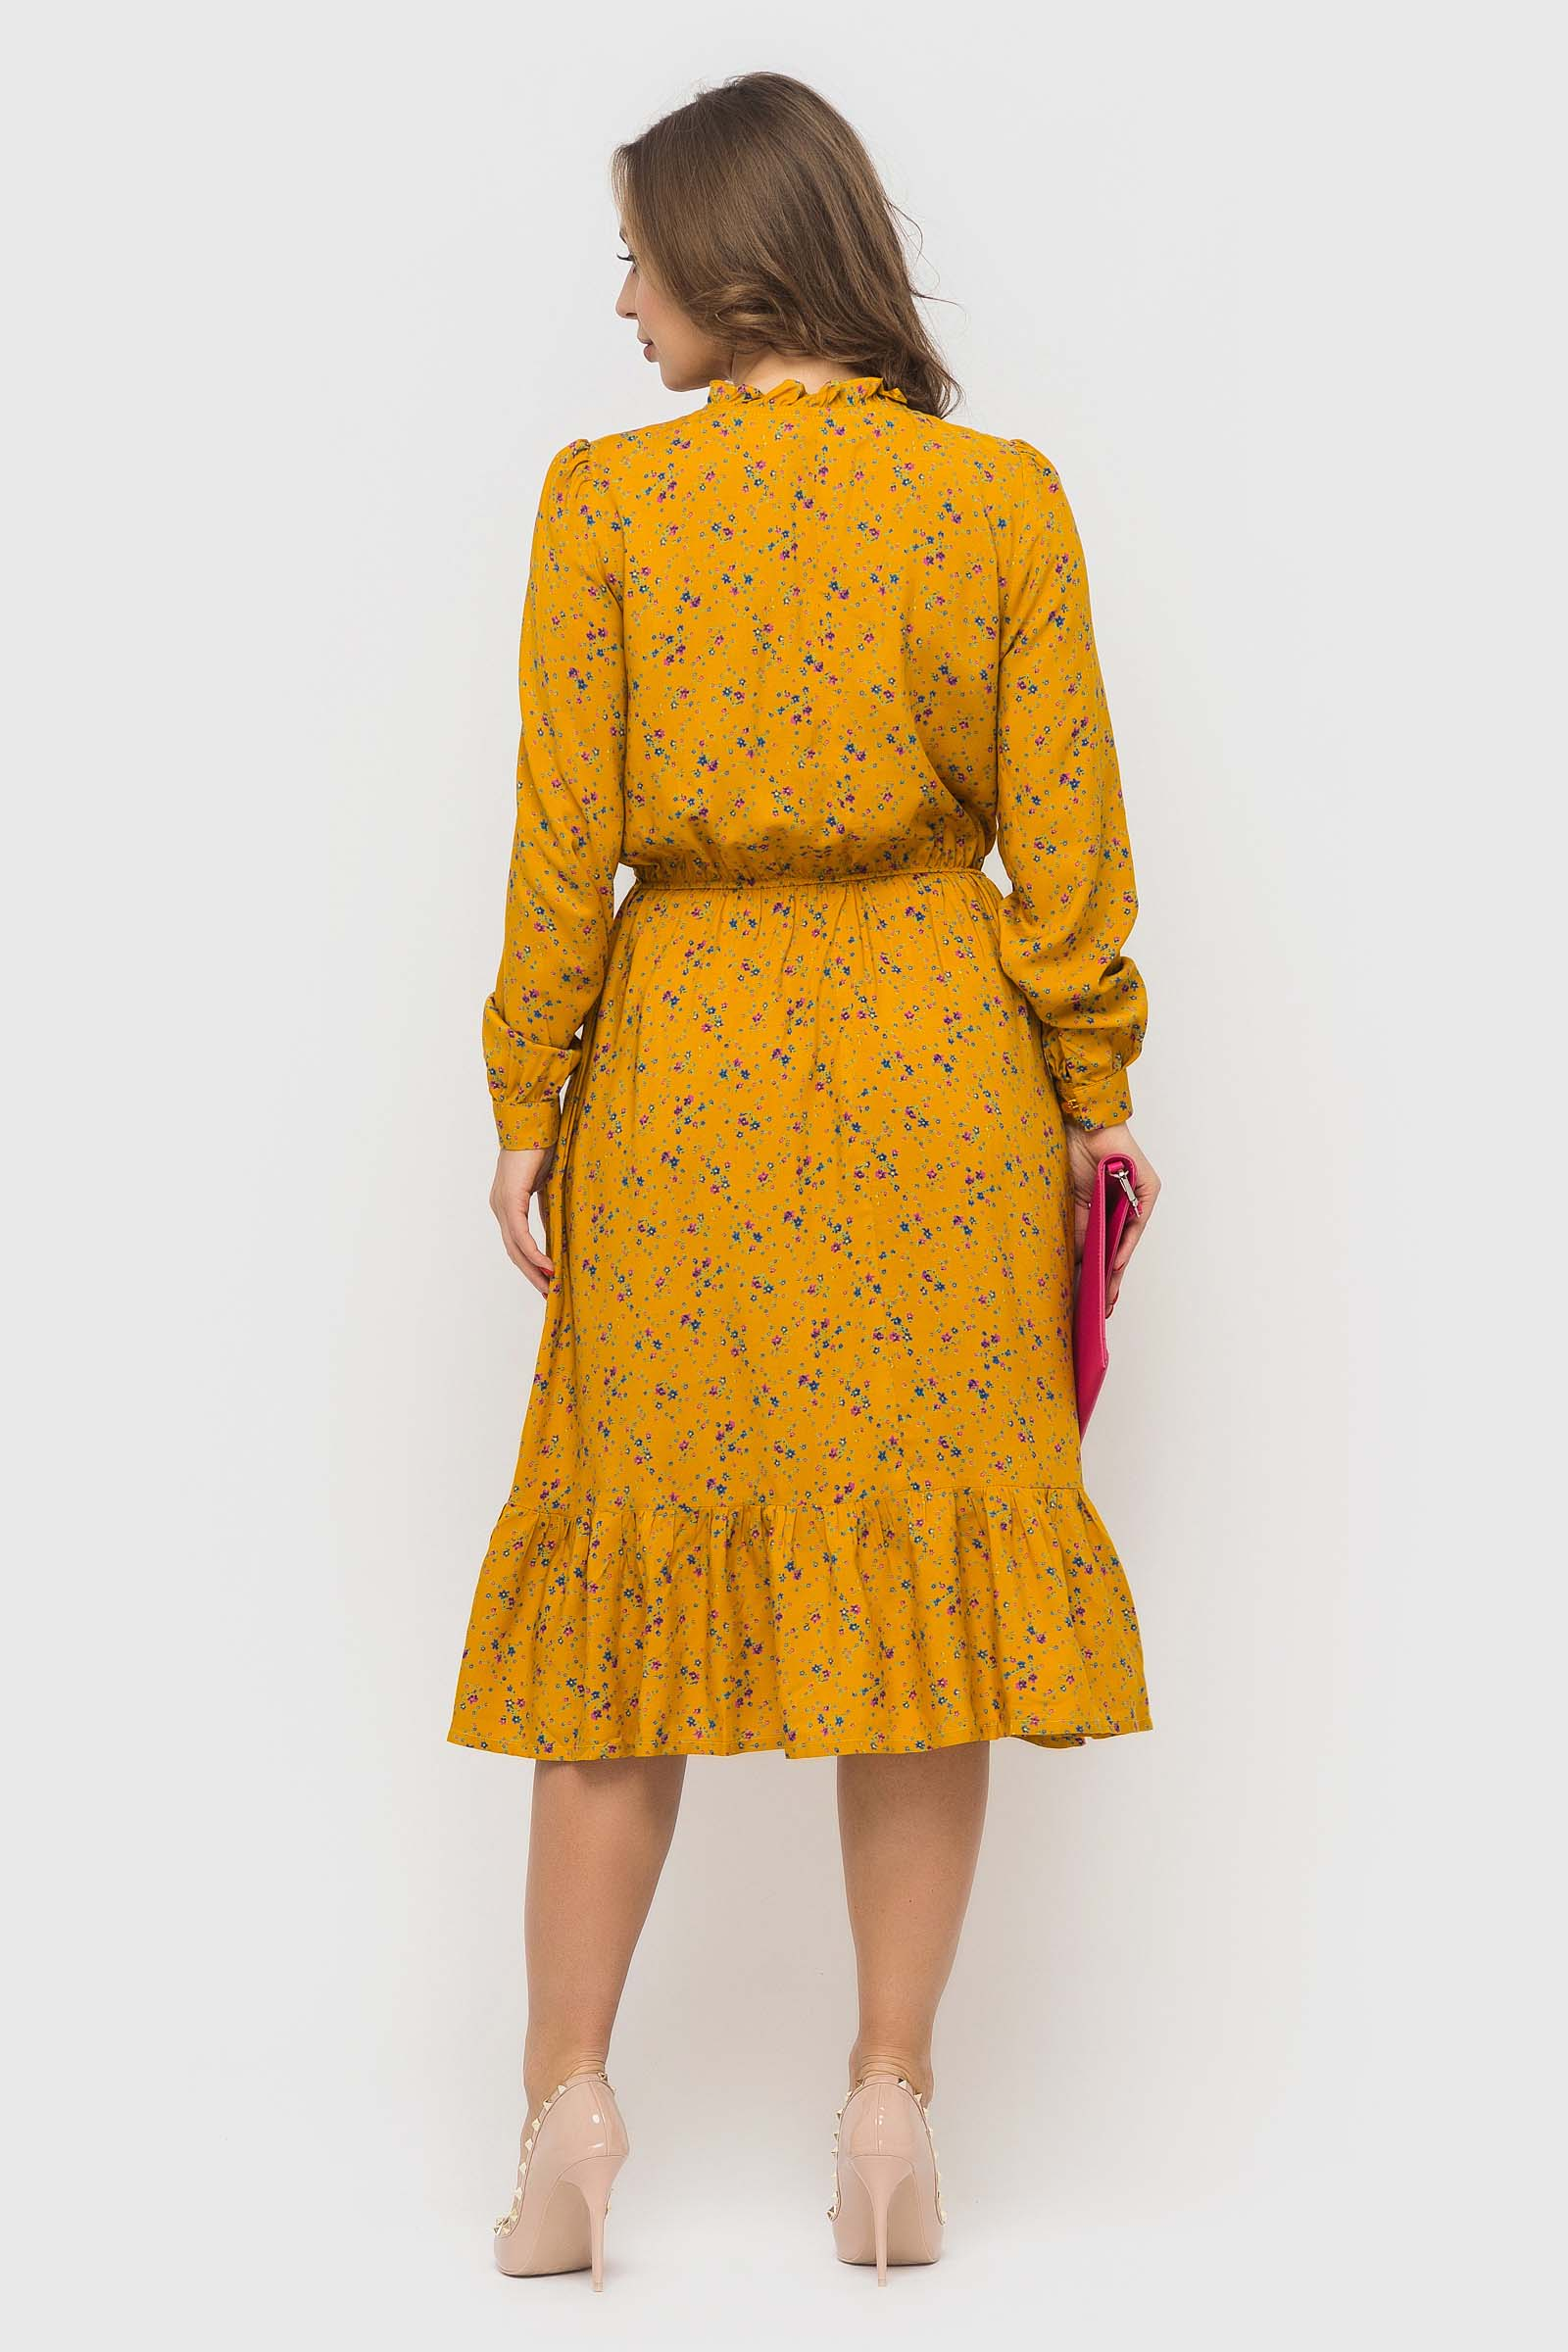 be art 2020 04 07182480 Купить платье